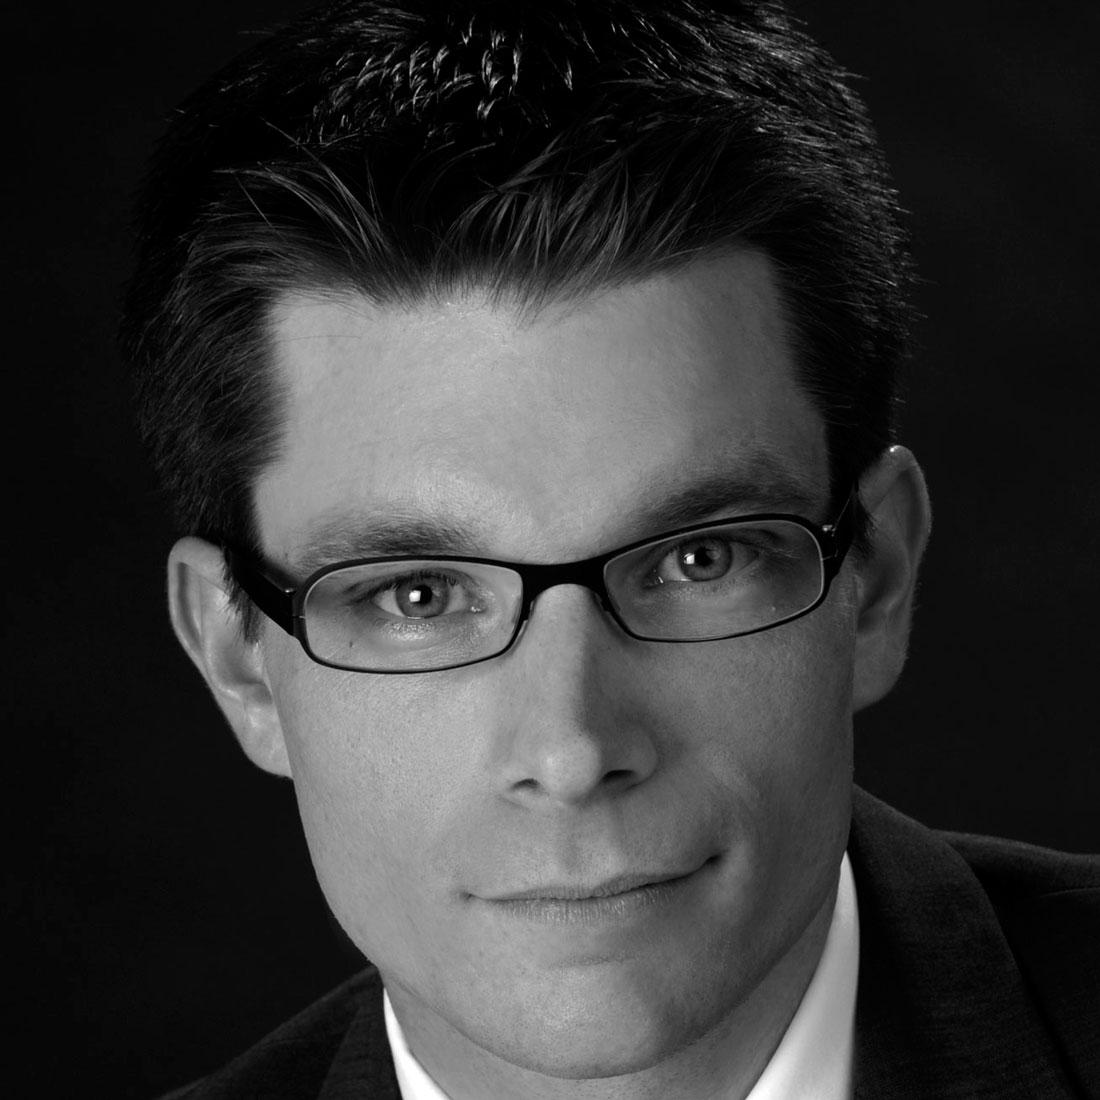 Jan Regtmeier